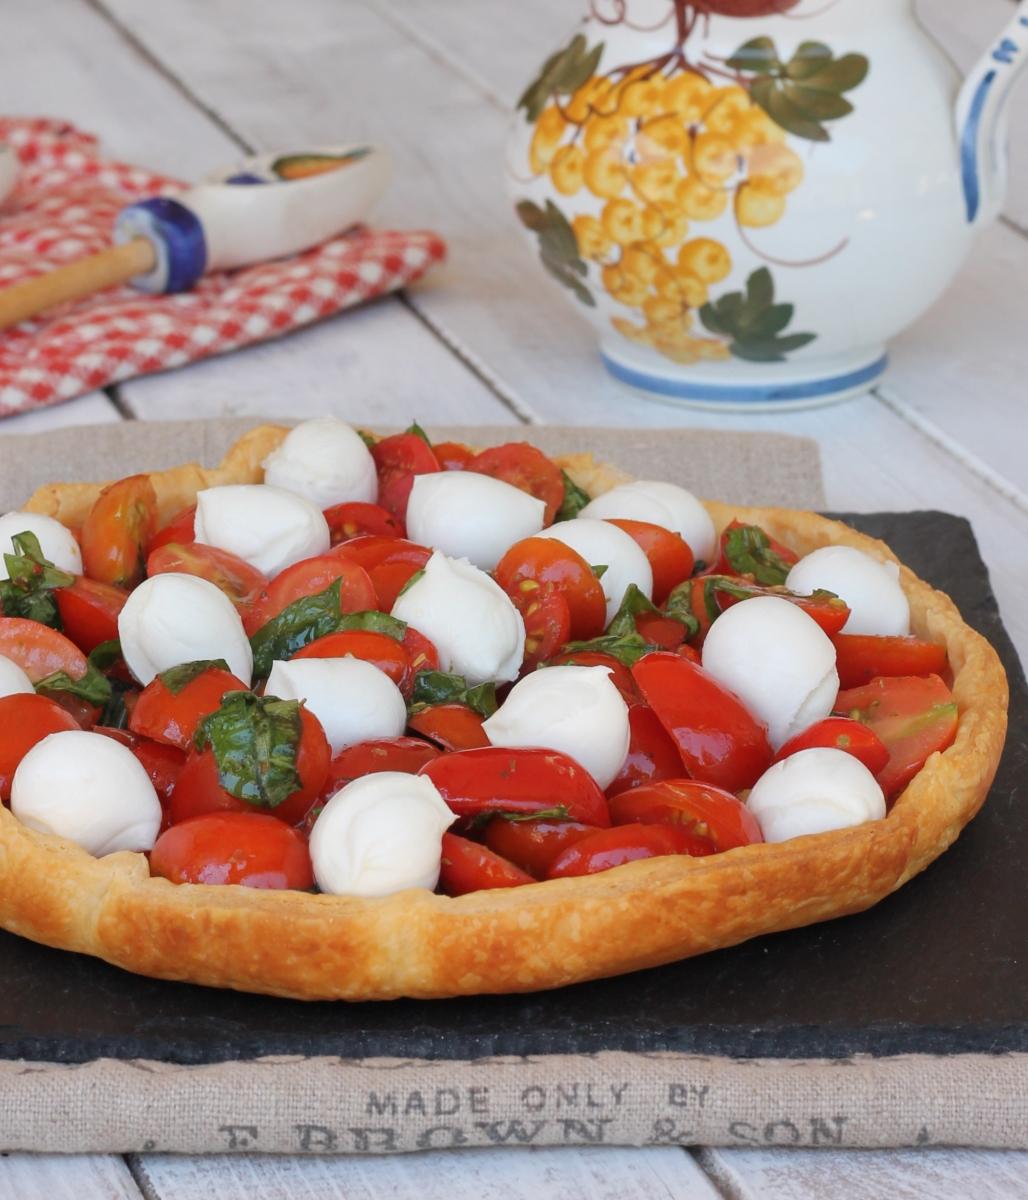 SFOGLIA CAPRESE ricetta torta salata pomodoro e mozzarella